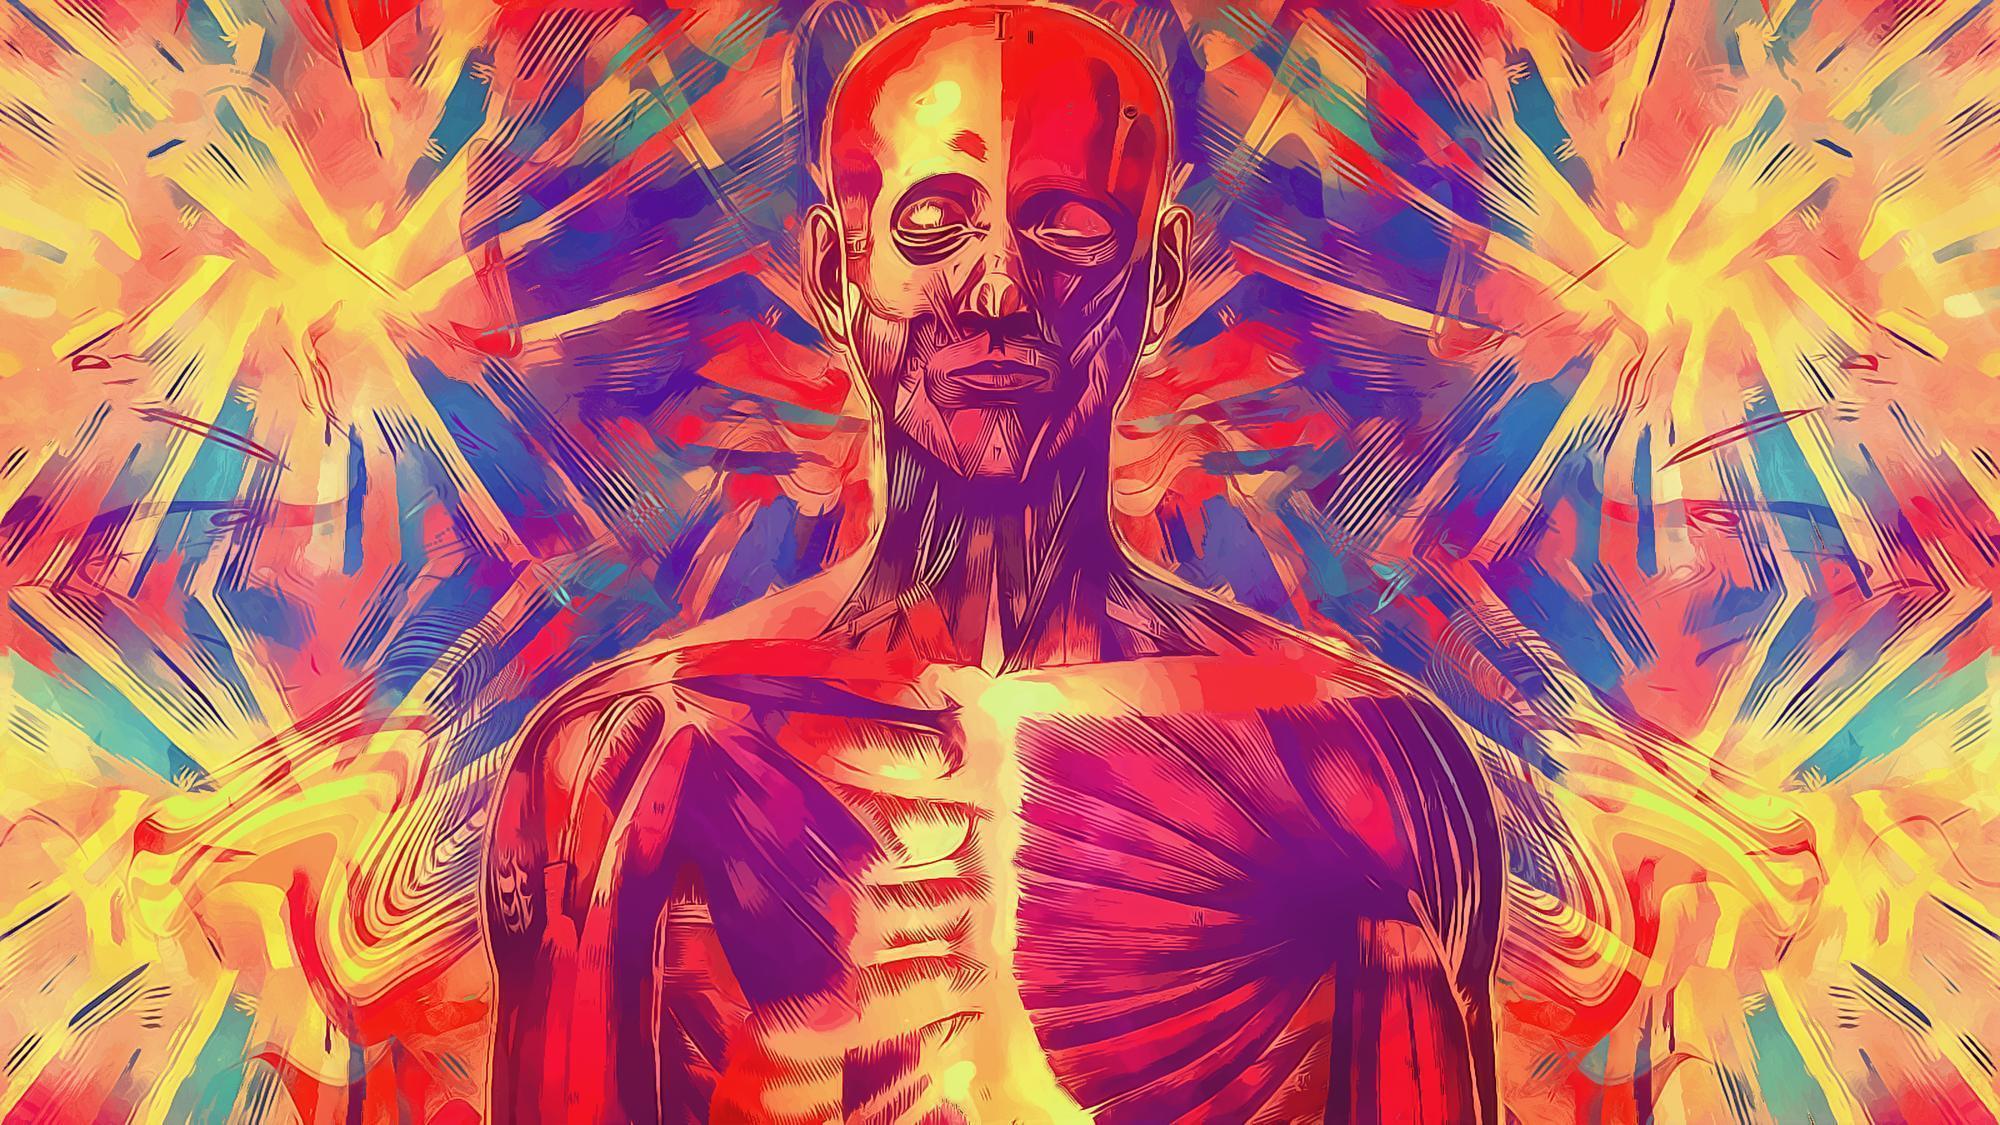 Cool Medicine Backgrounds | 42 Superb Medicine Wallpapers